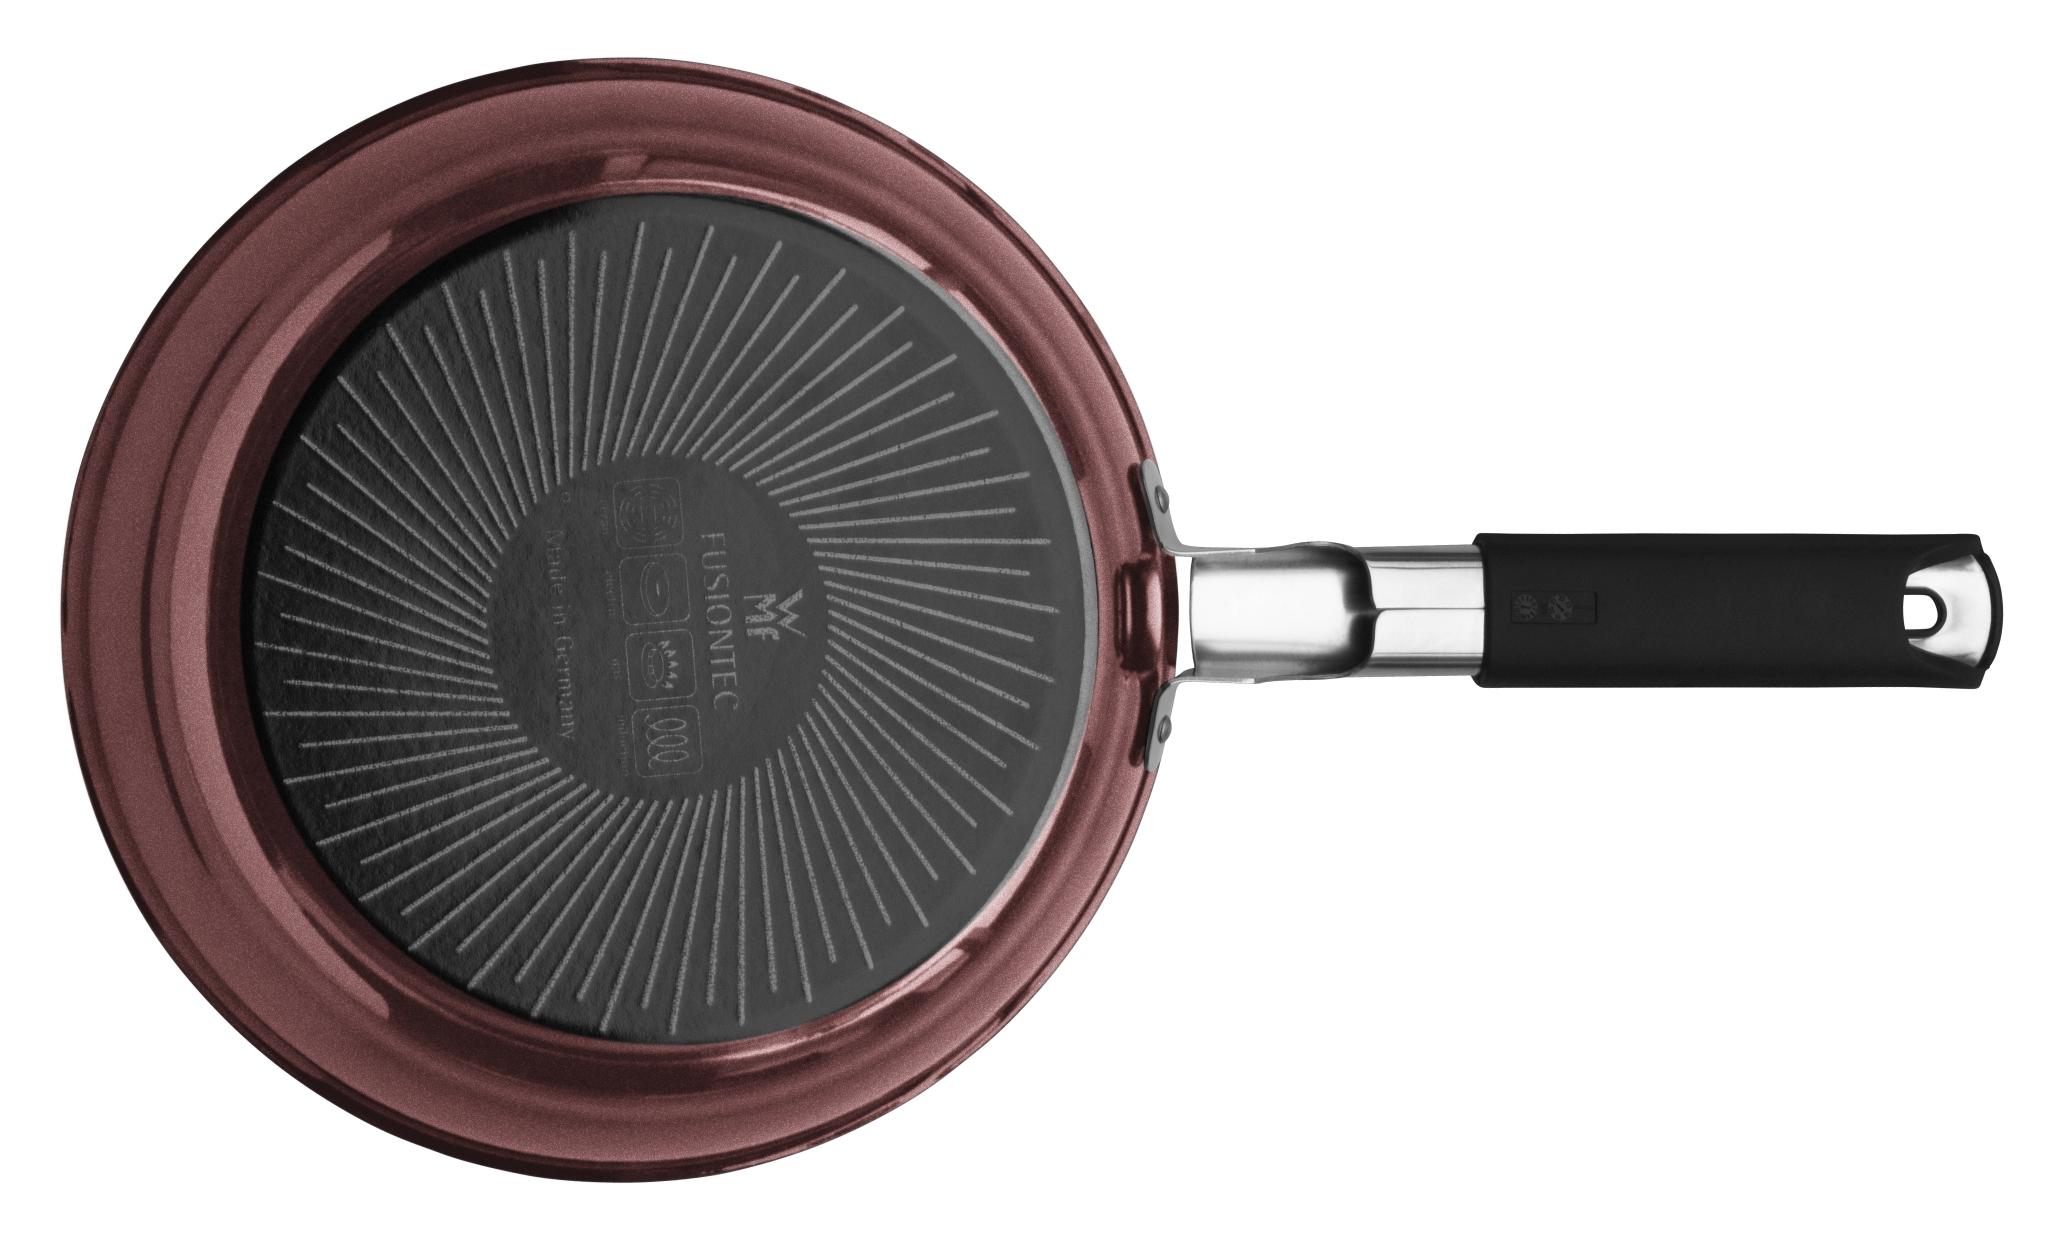 WMF Fusiontec Tava 24 cm Pembe Kuartz